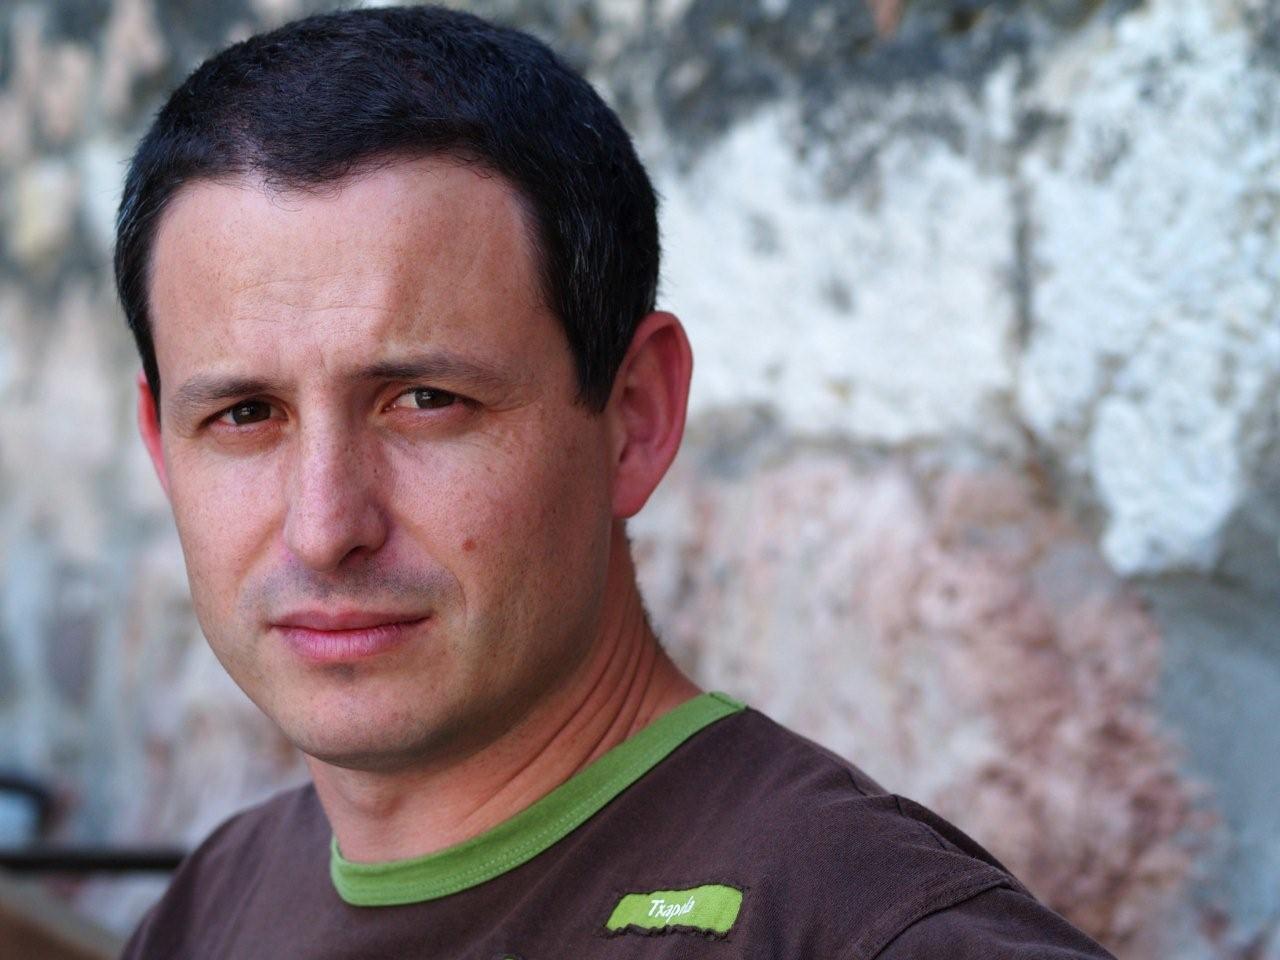 Josu Walino Pizarro